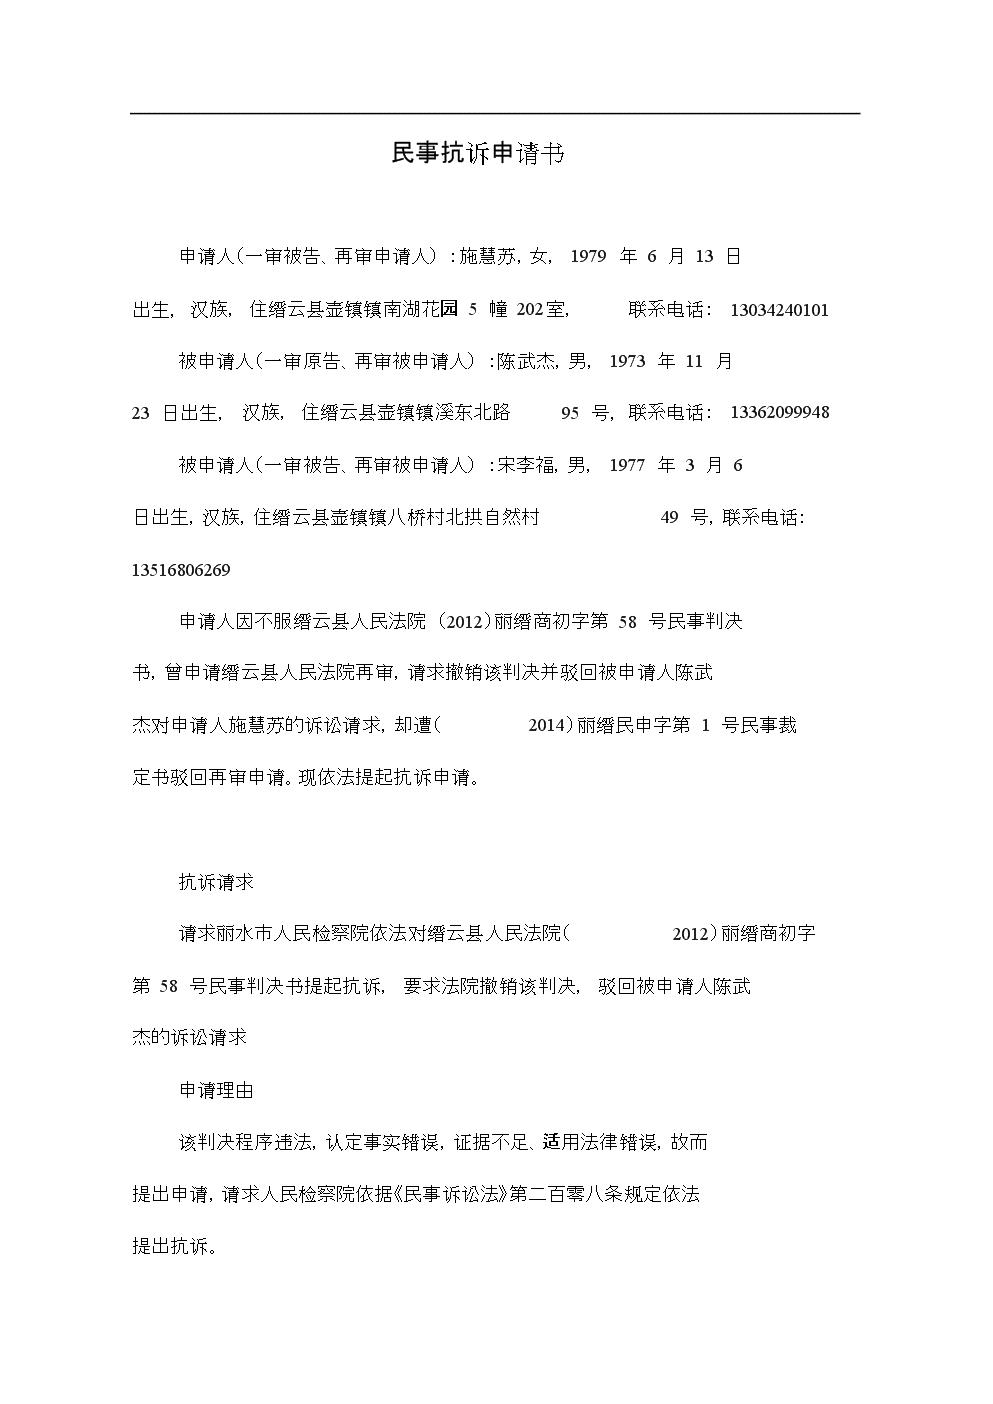 民事抗诉申请书施.docx